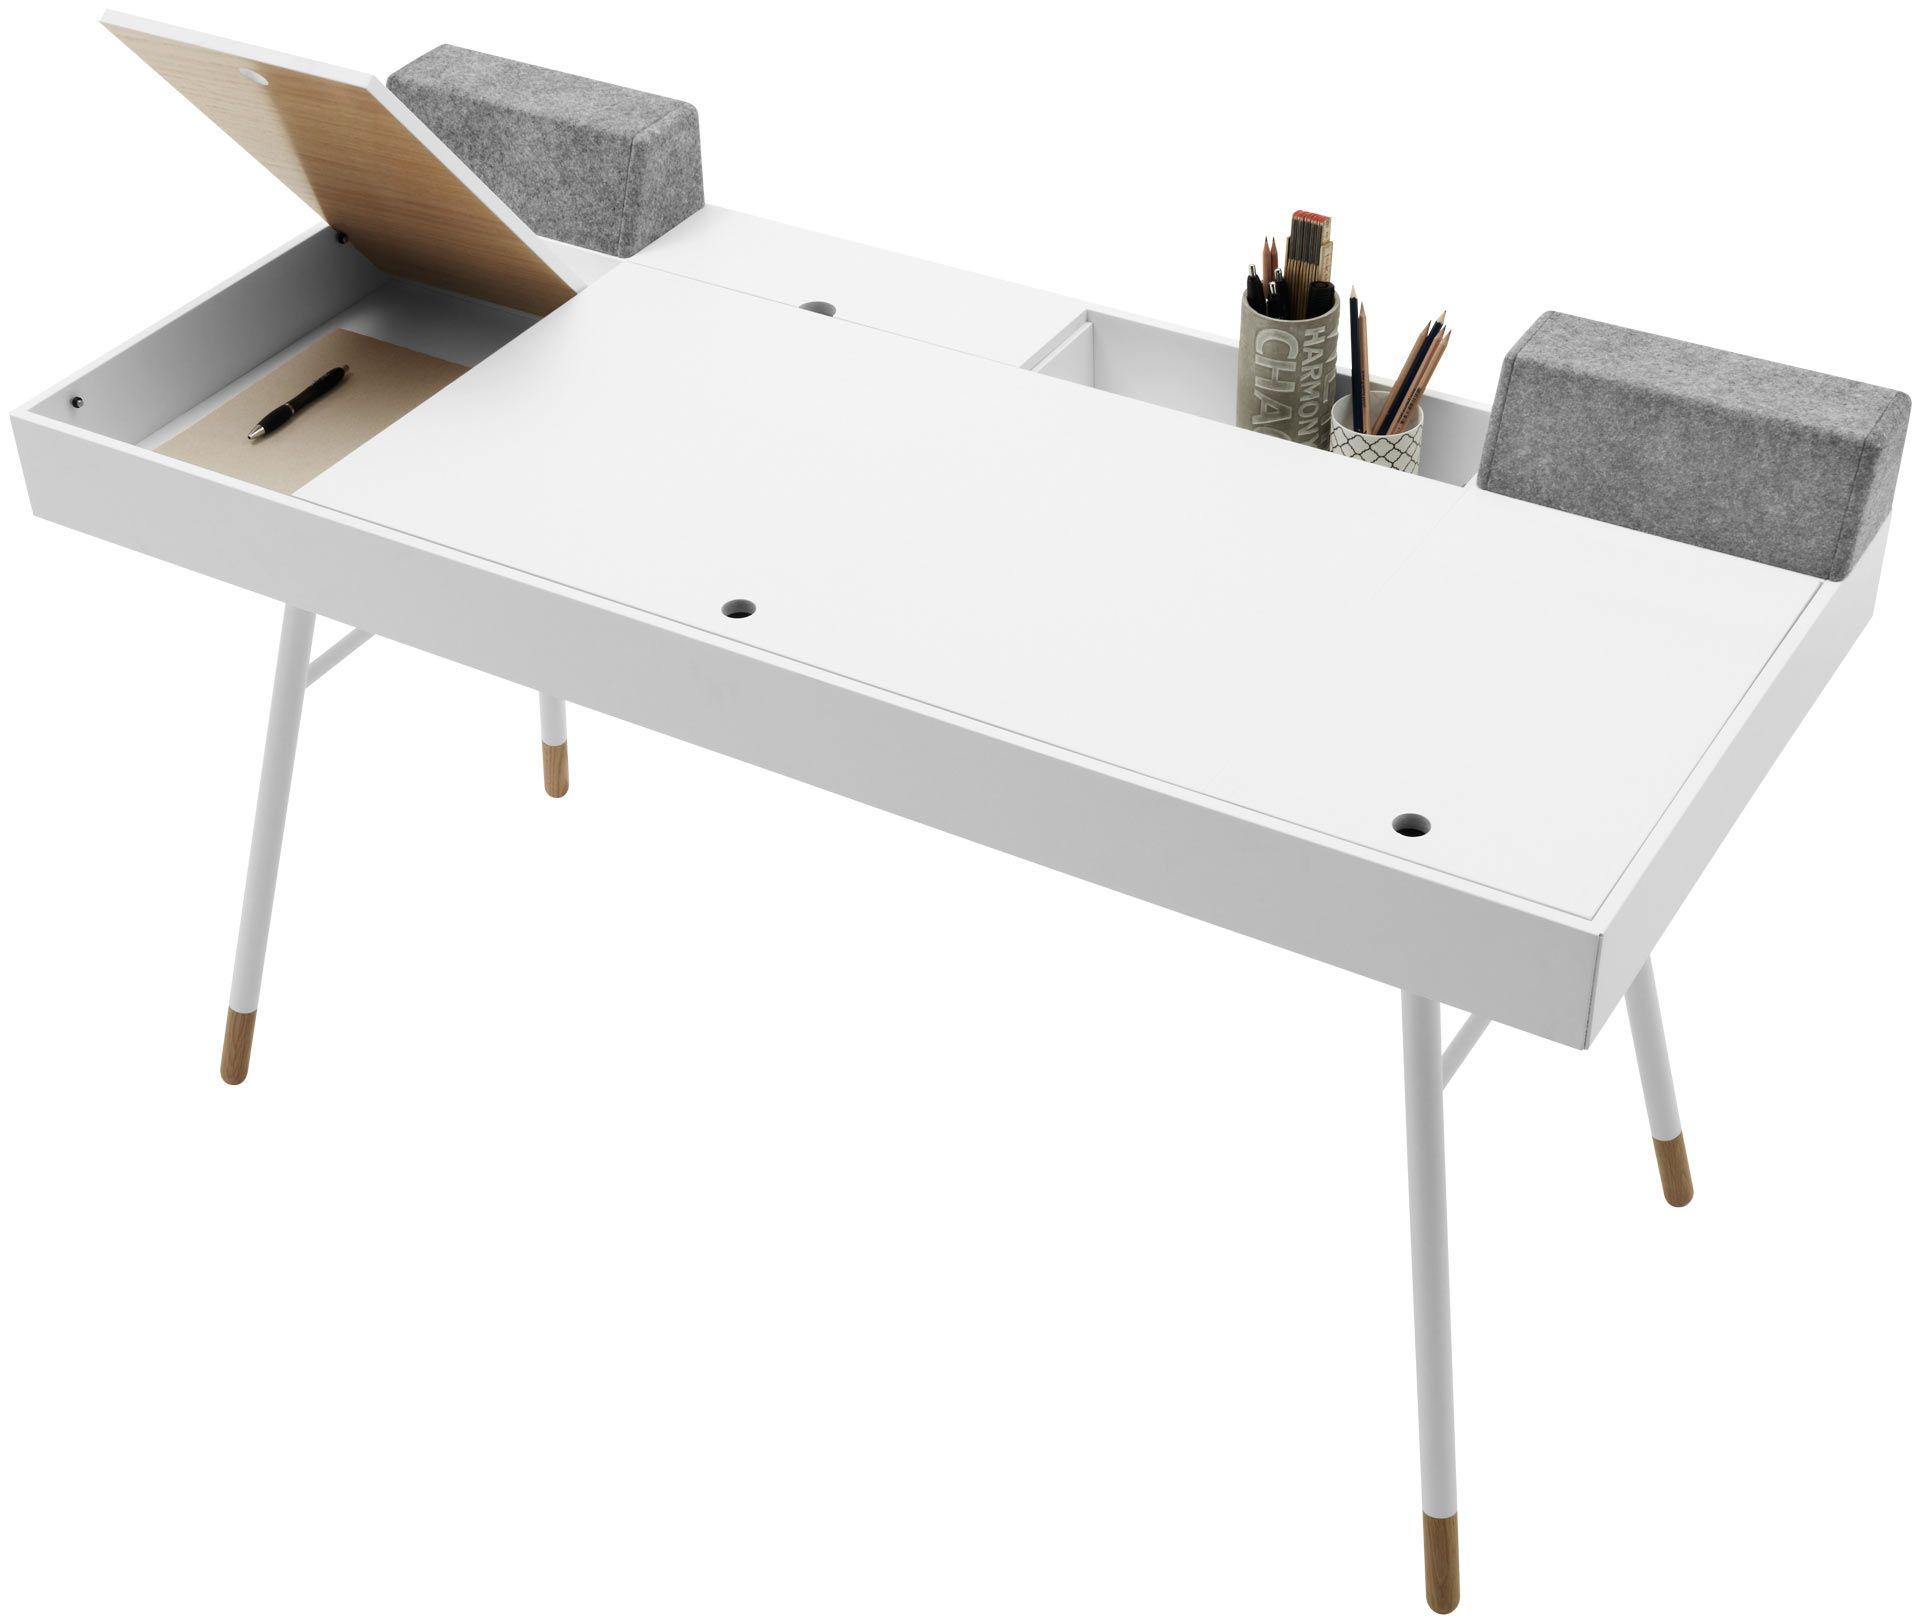 design schreibtisch b rost hle online kaufen boconcept 649 euro 229 euro wohnen. Black Bedroom Furniture Sets. Home Design Ideas